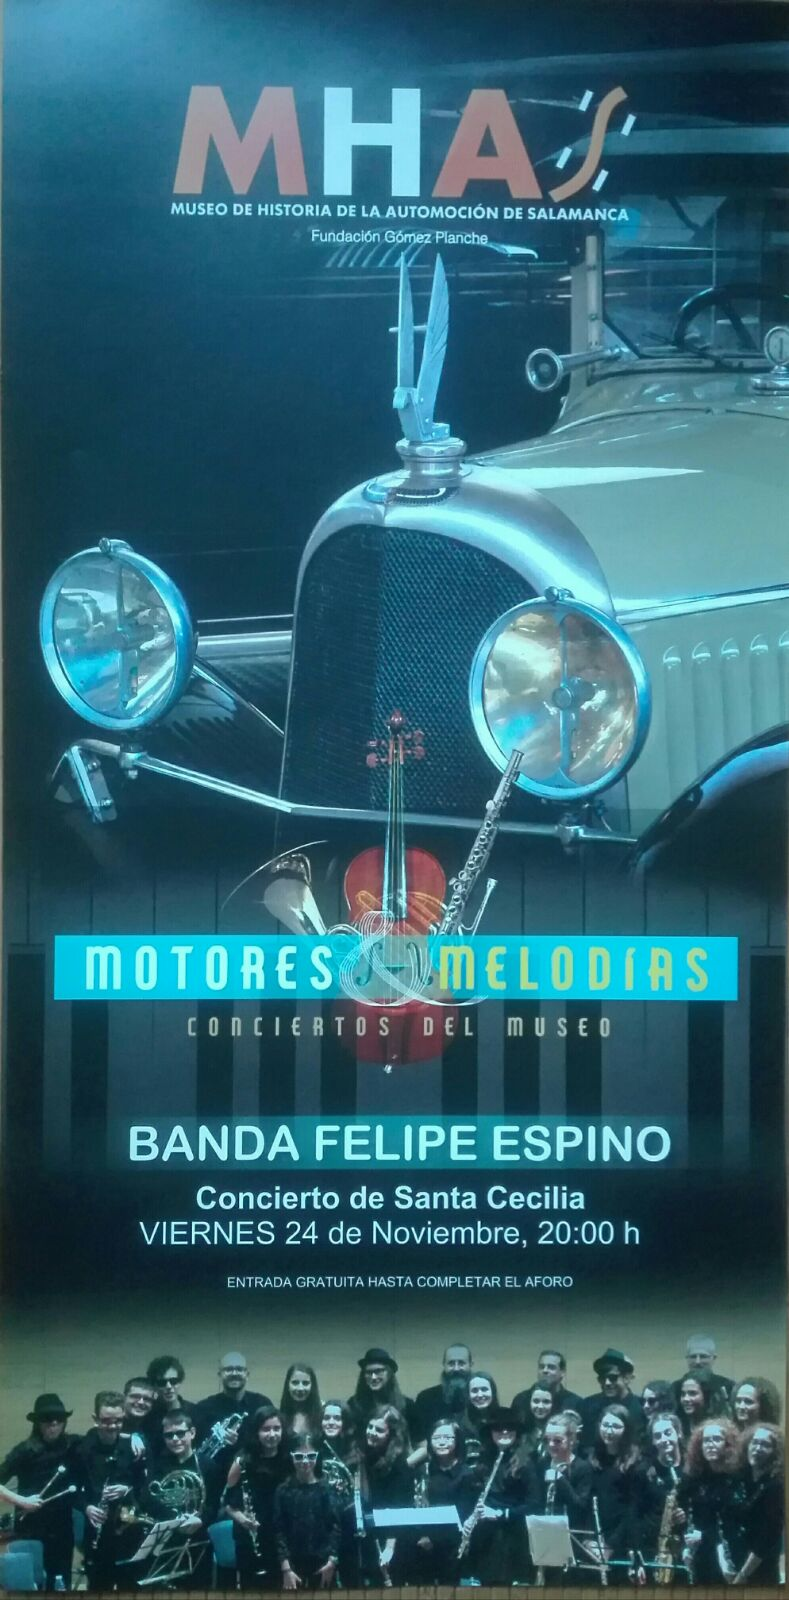 Museo de Historia de la Automoción de Salamanca MHAS Banda Felipe Espino Noviembre 2017